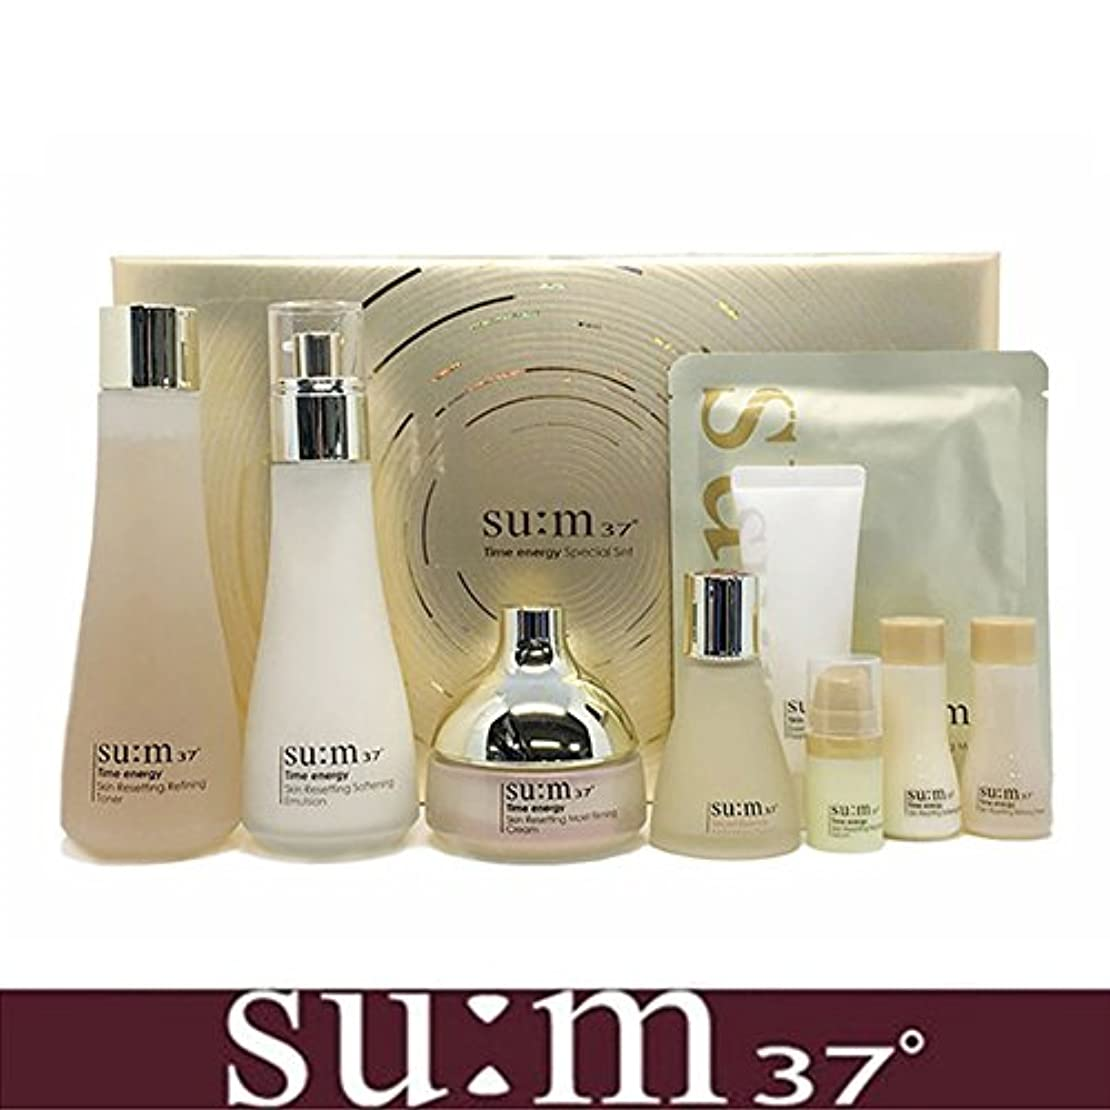 フラスコベッド脅威[su:m37/スム37°] SUM37 Time Energy 3pcs Special Skincare Set / タイムエネルギーの3種のスペシャルセット+[Sample Gift](海外直送品)